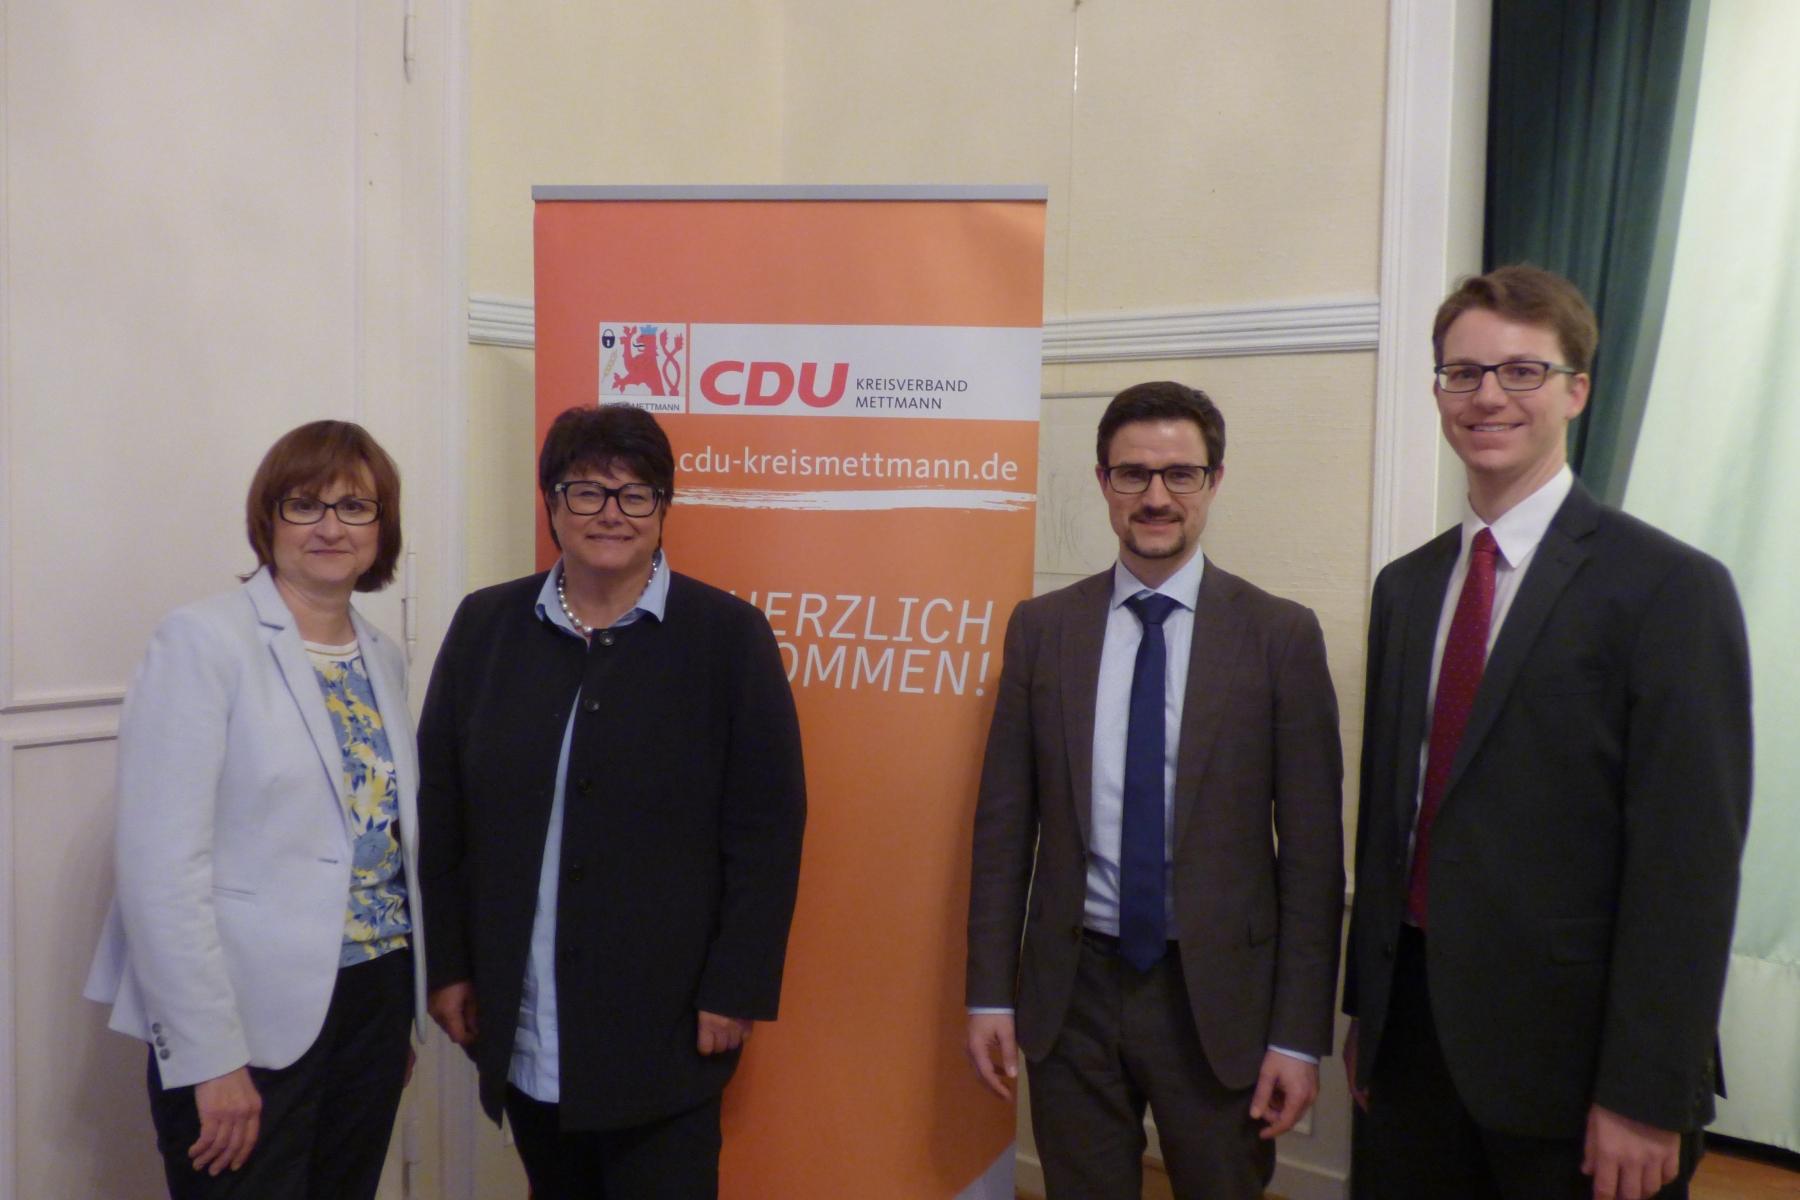 Gabi Hruschka, Sabine Verheyen, Christian Schölzel und Maximilian Bröhl (v.l.n.r.)